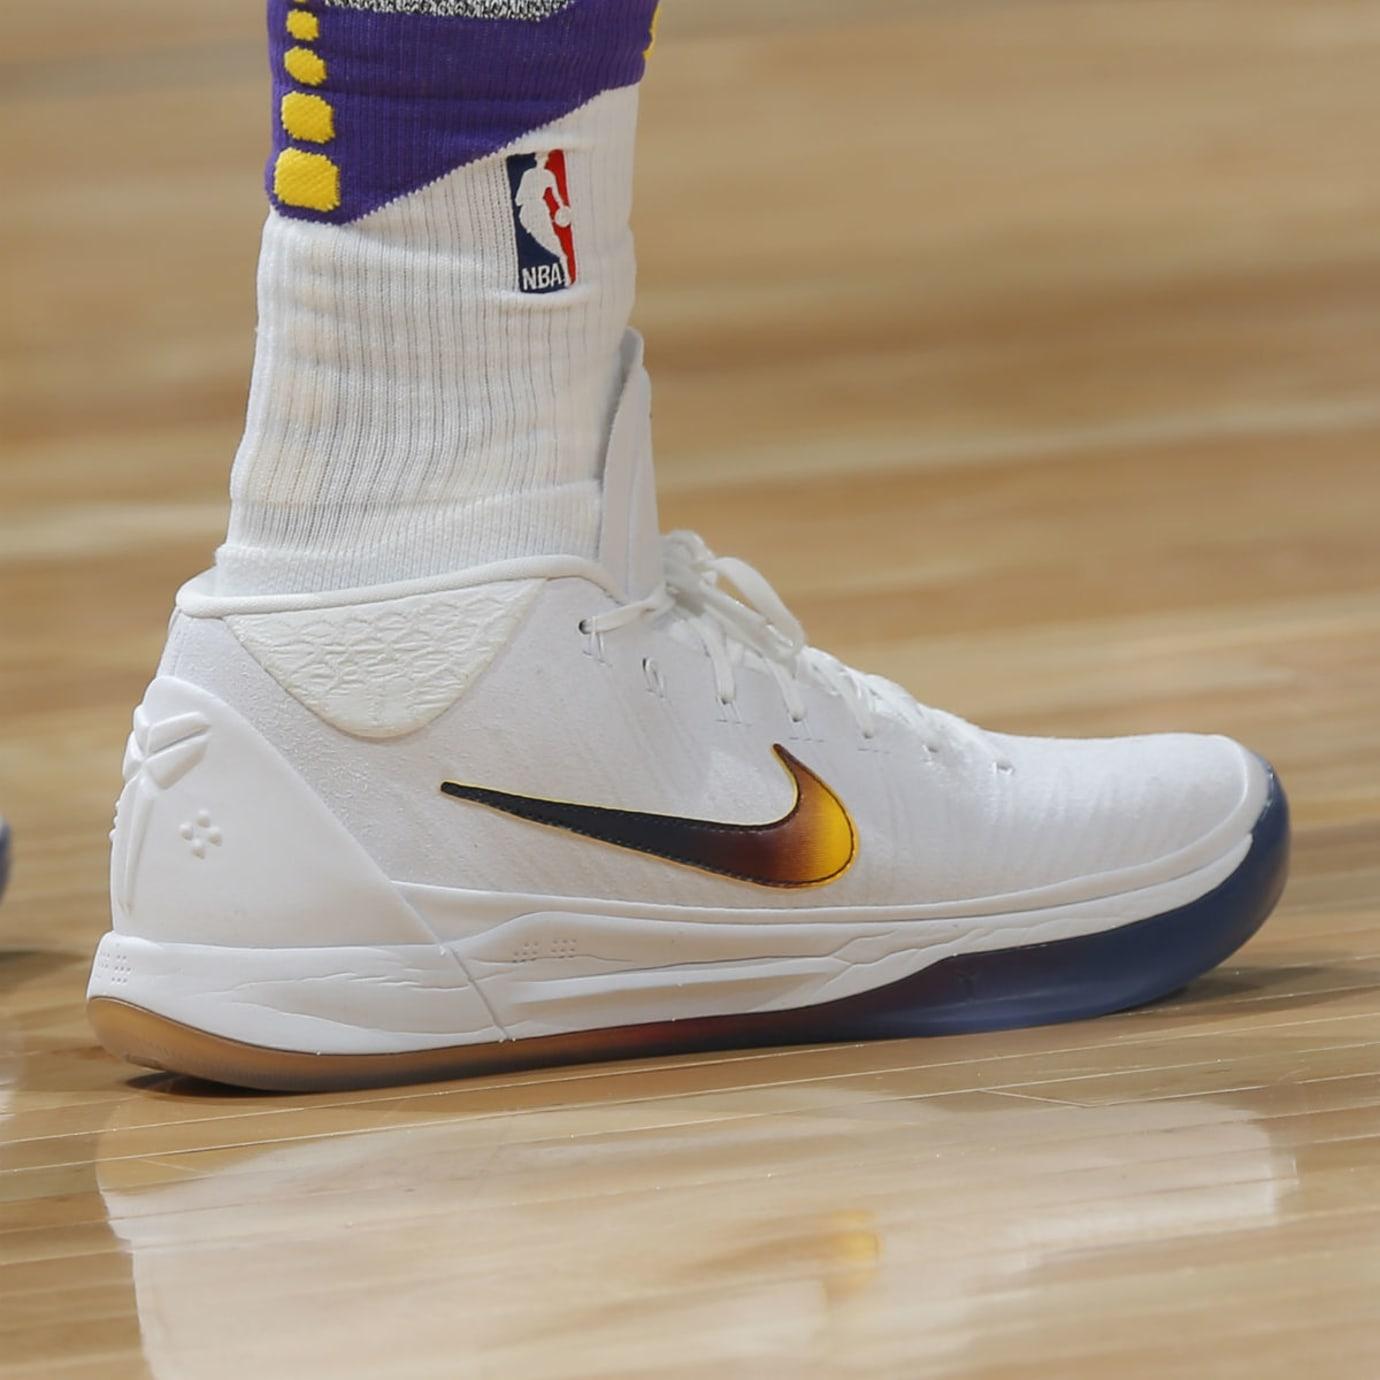 Isaiah Thomas Nike Kobe A.D. Mid Lakers PE